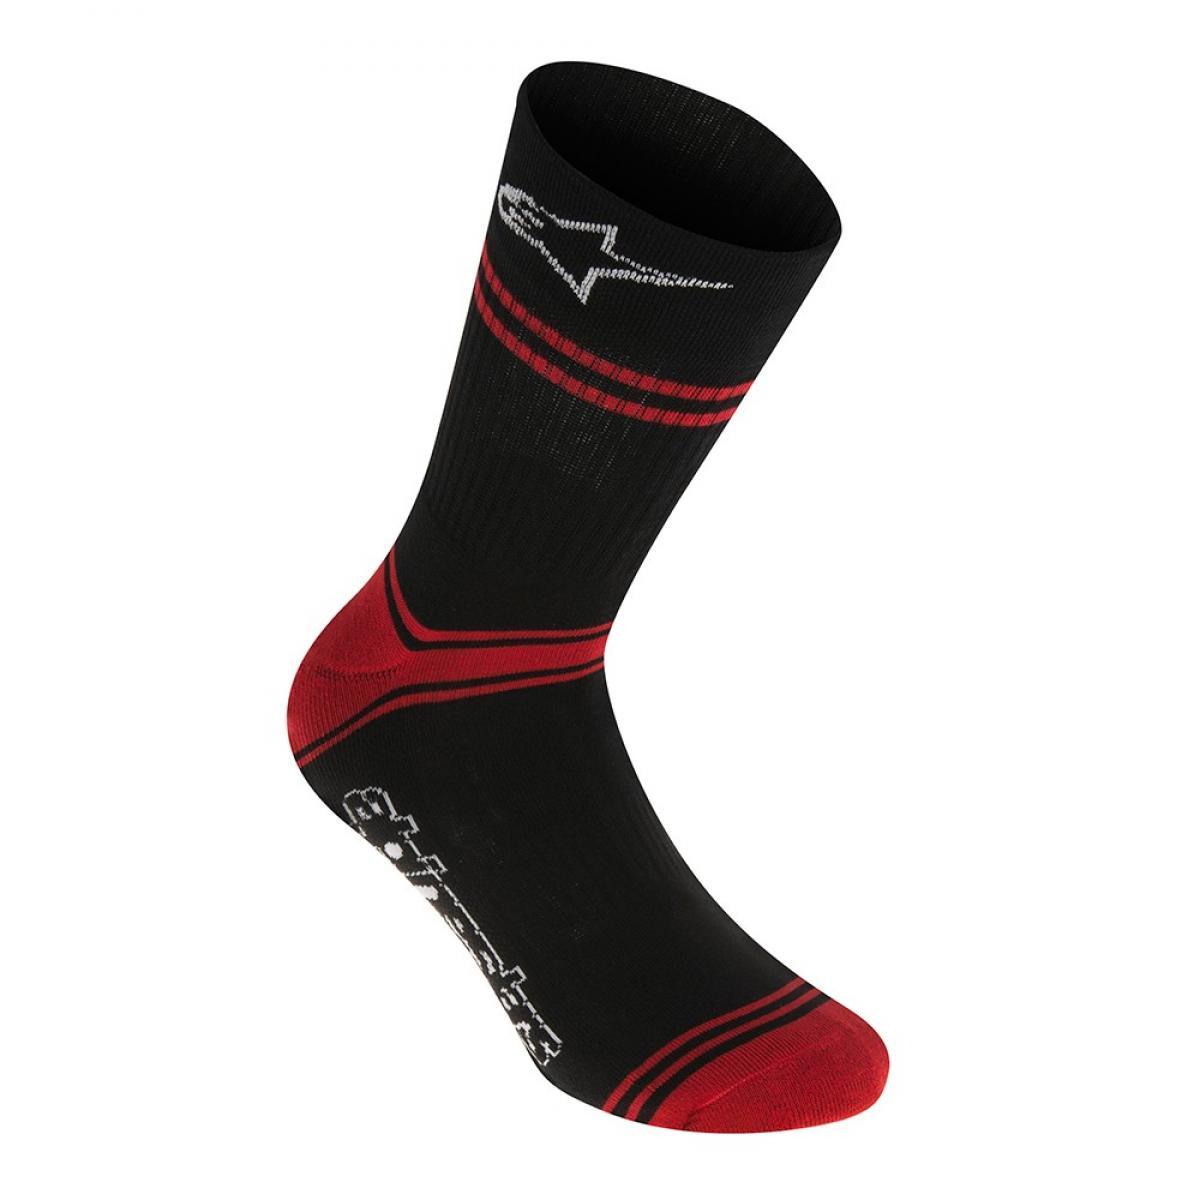 Alpinestars MTB Summer Socks